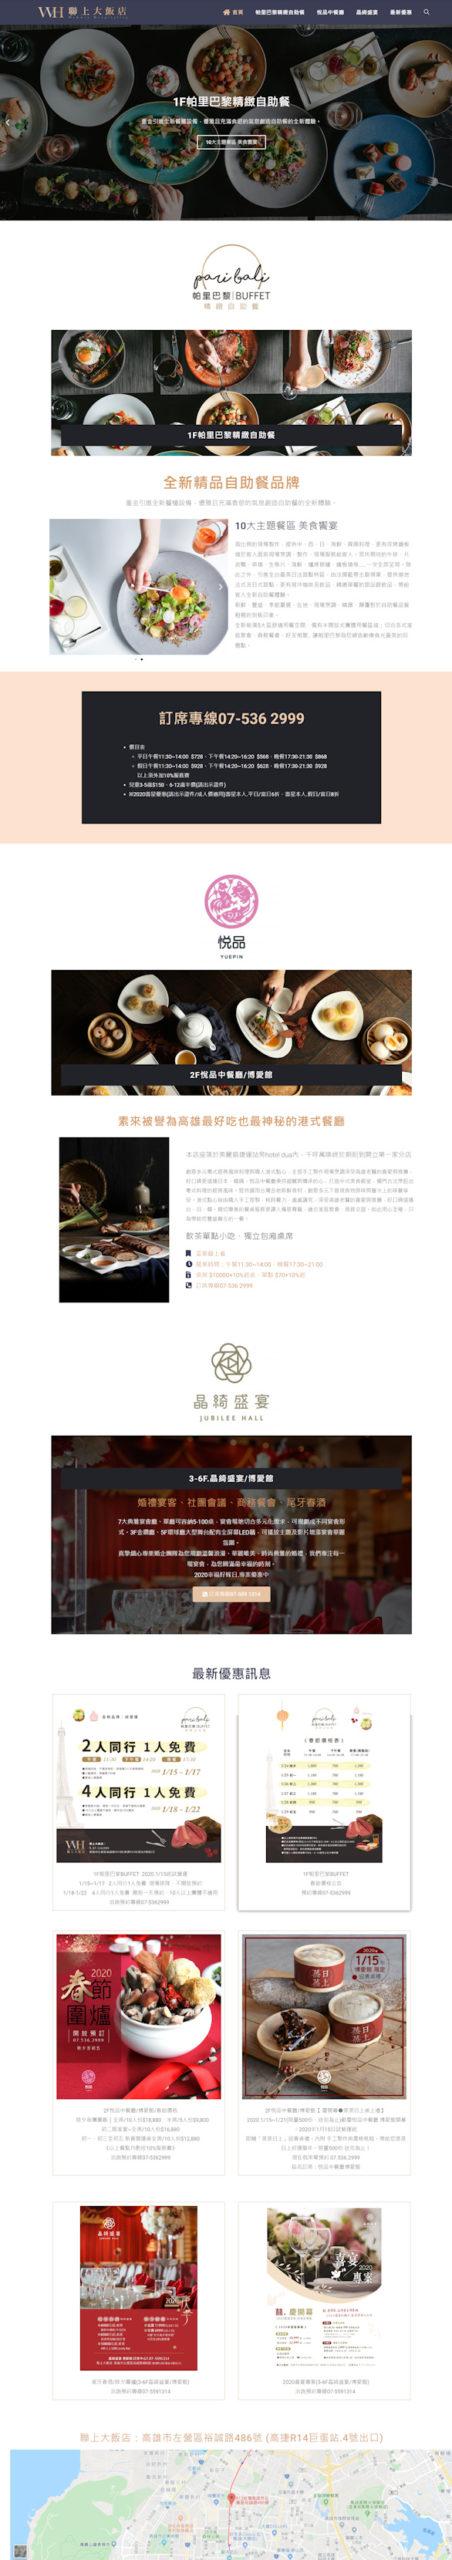 網頁設計-聯上飯店2